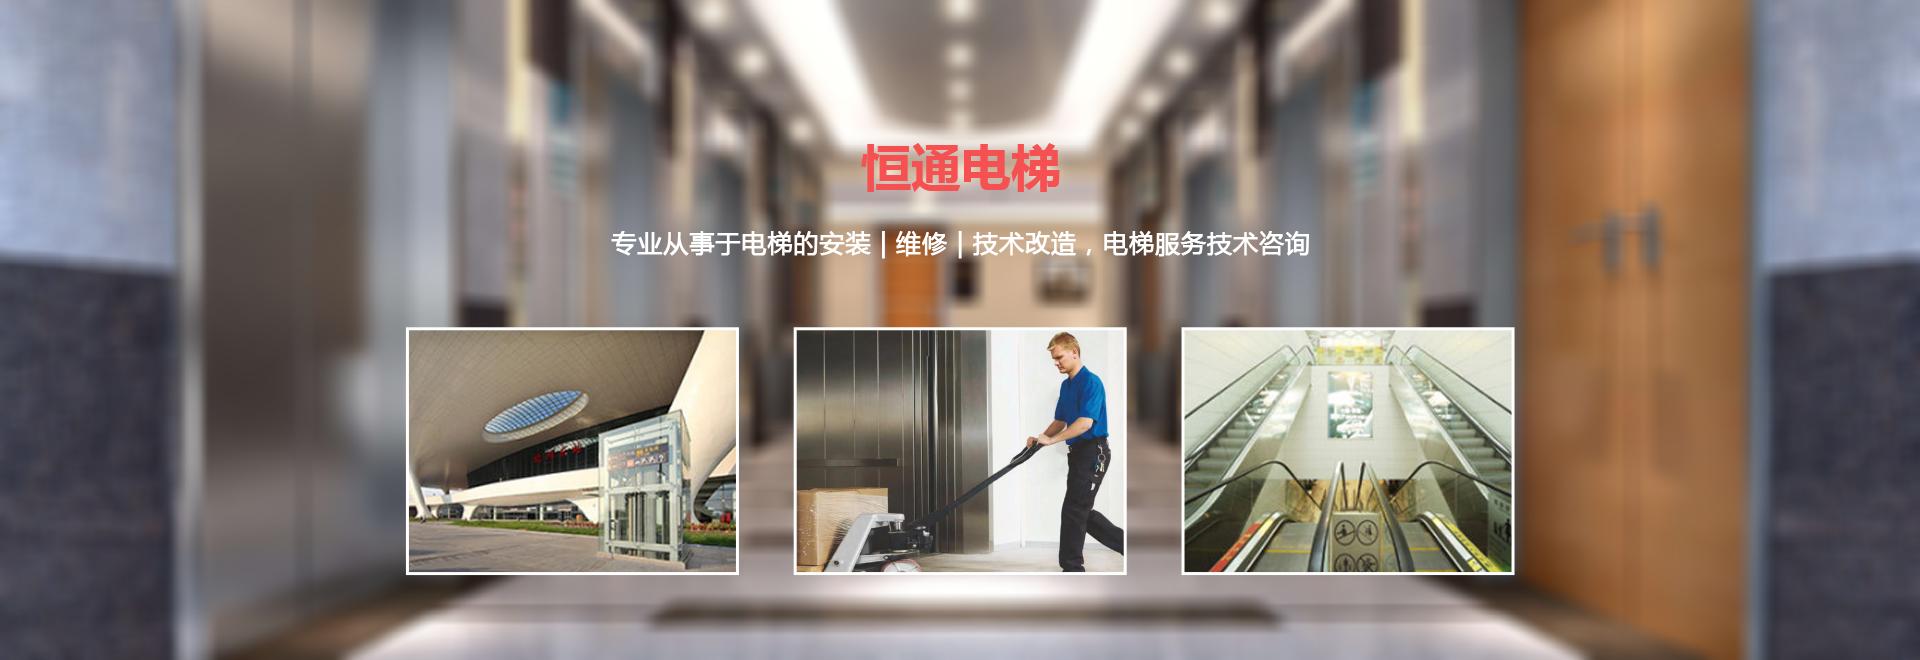 陕西电梯安装工程